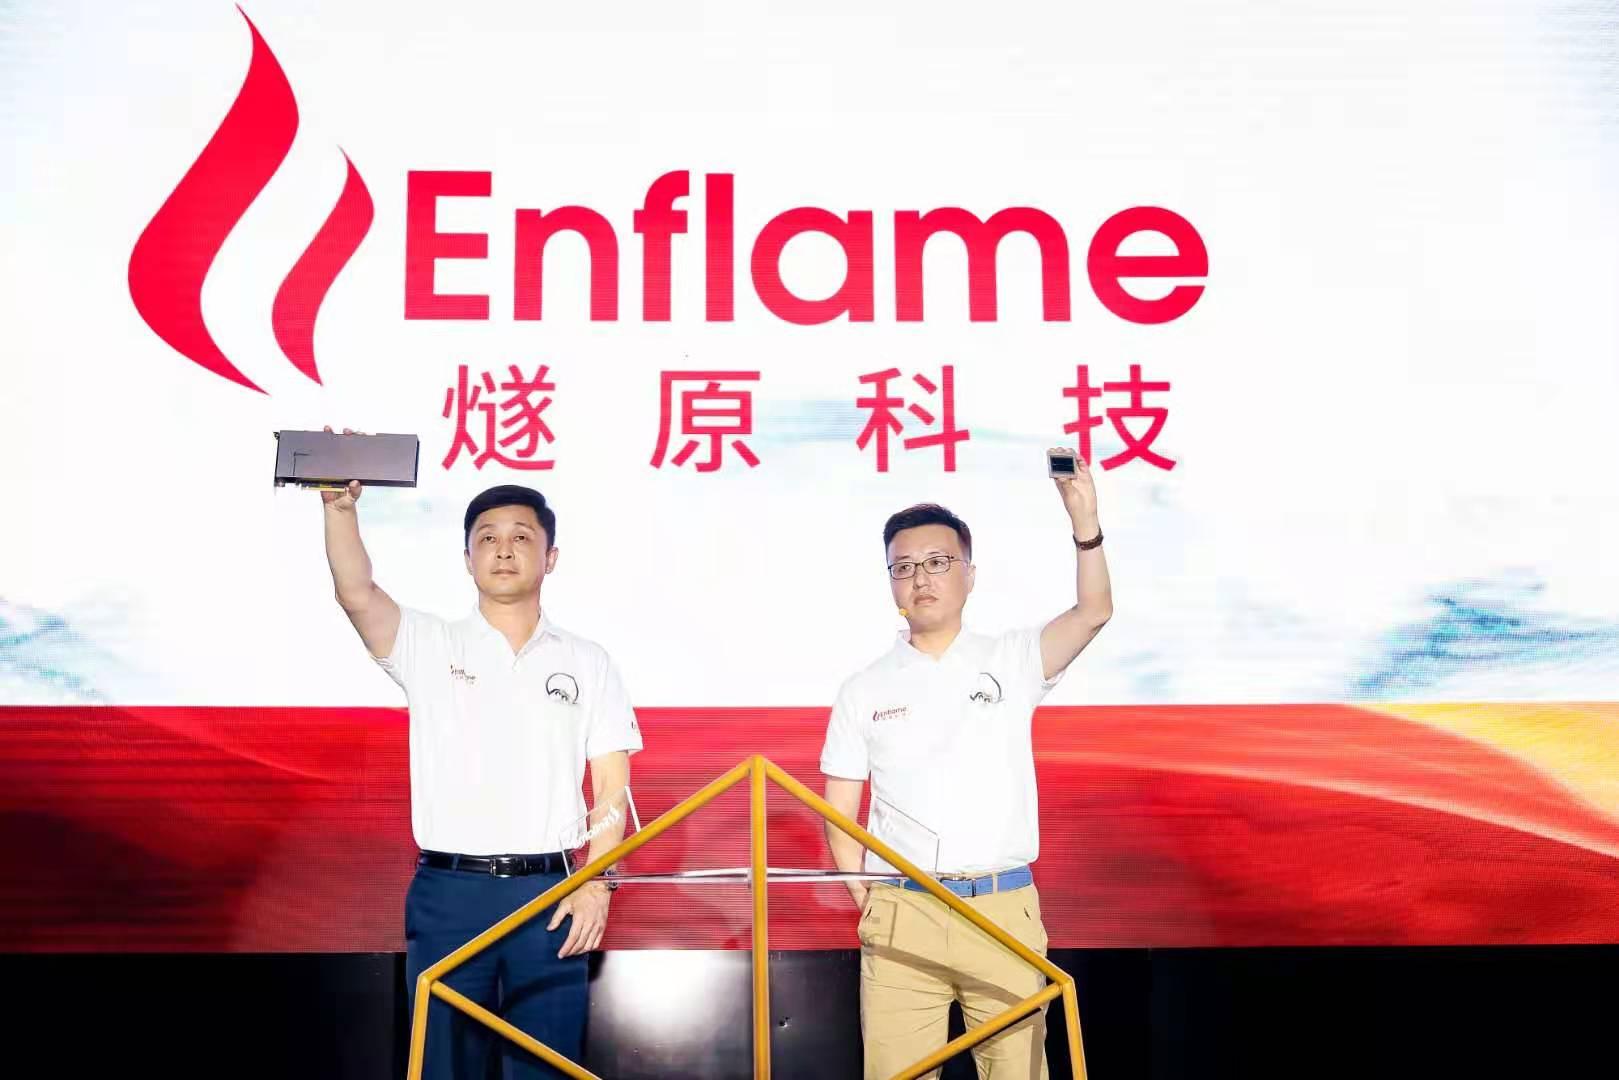 华体会注册_中国最大的计算芯片诞生!燧原科技发布邃思2.0 AI训练芯片